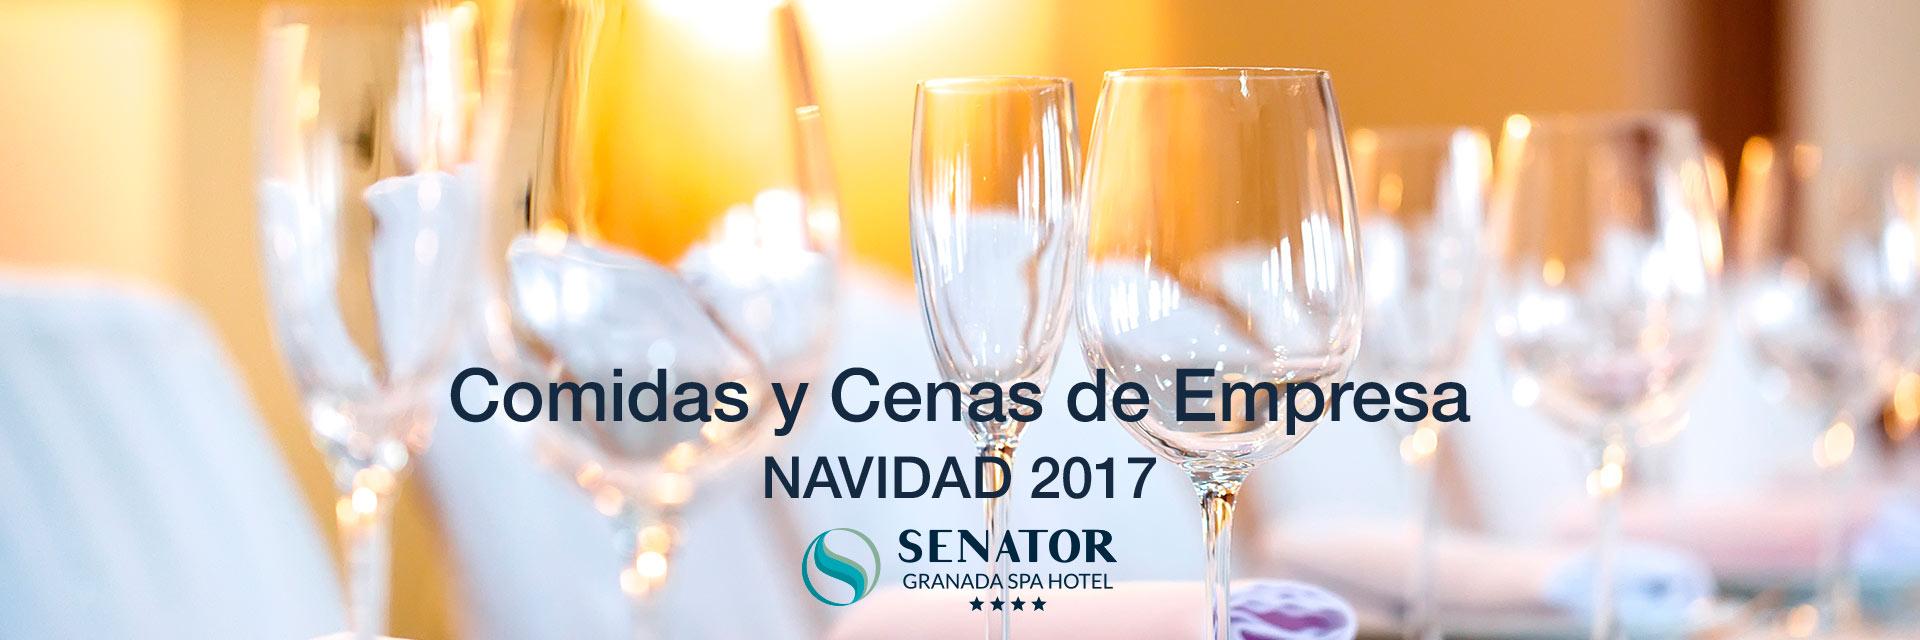 Comidas y cenas de empresa en Senator Granada Spa Hotel